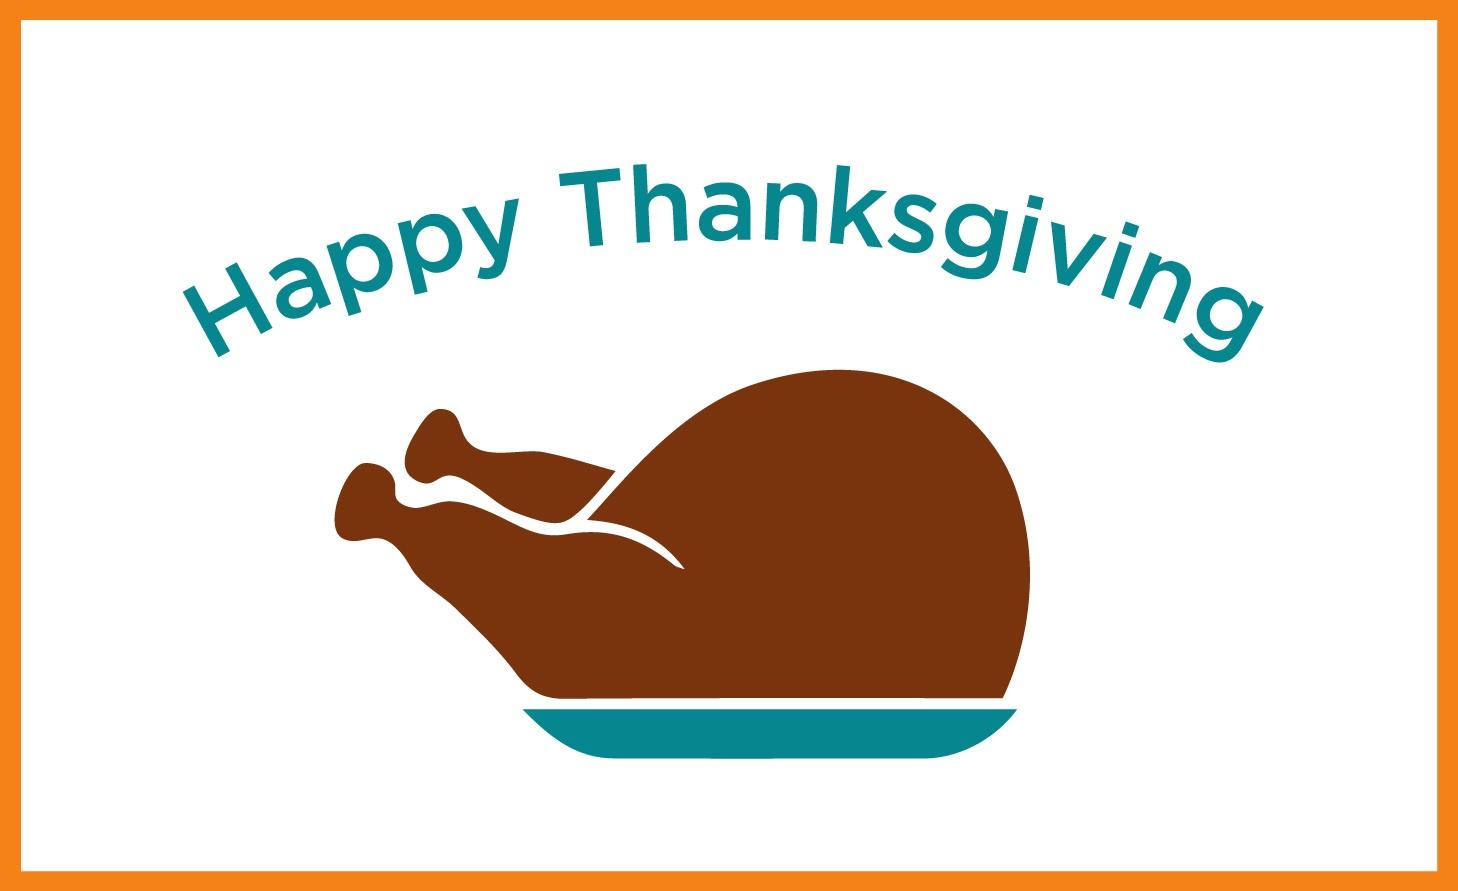 thanksgiving-2015-linkedin1.jpg